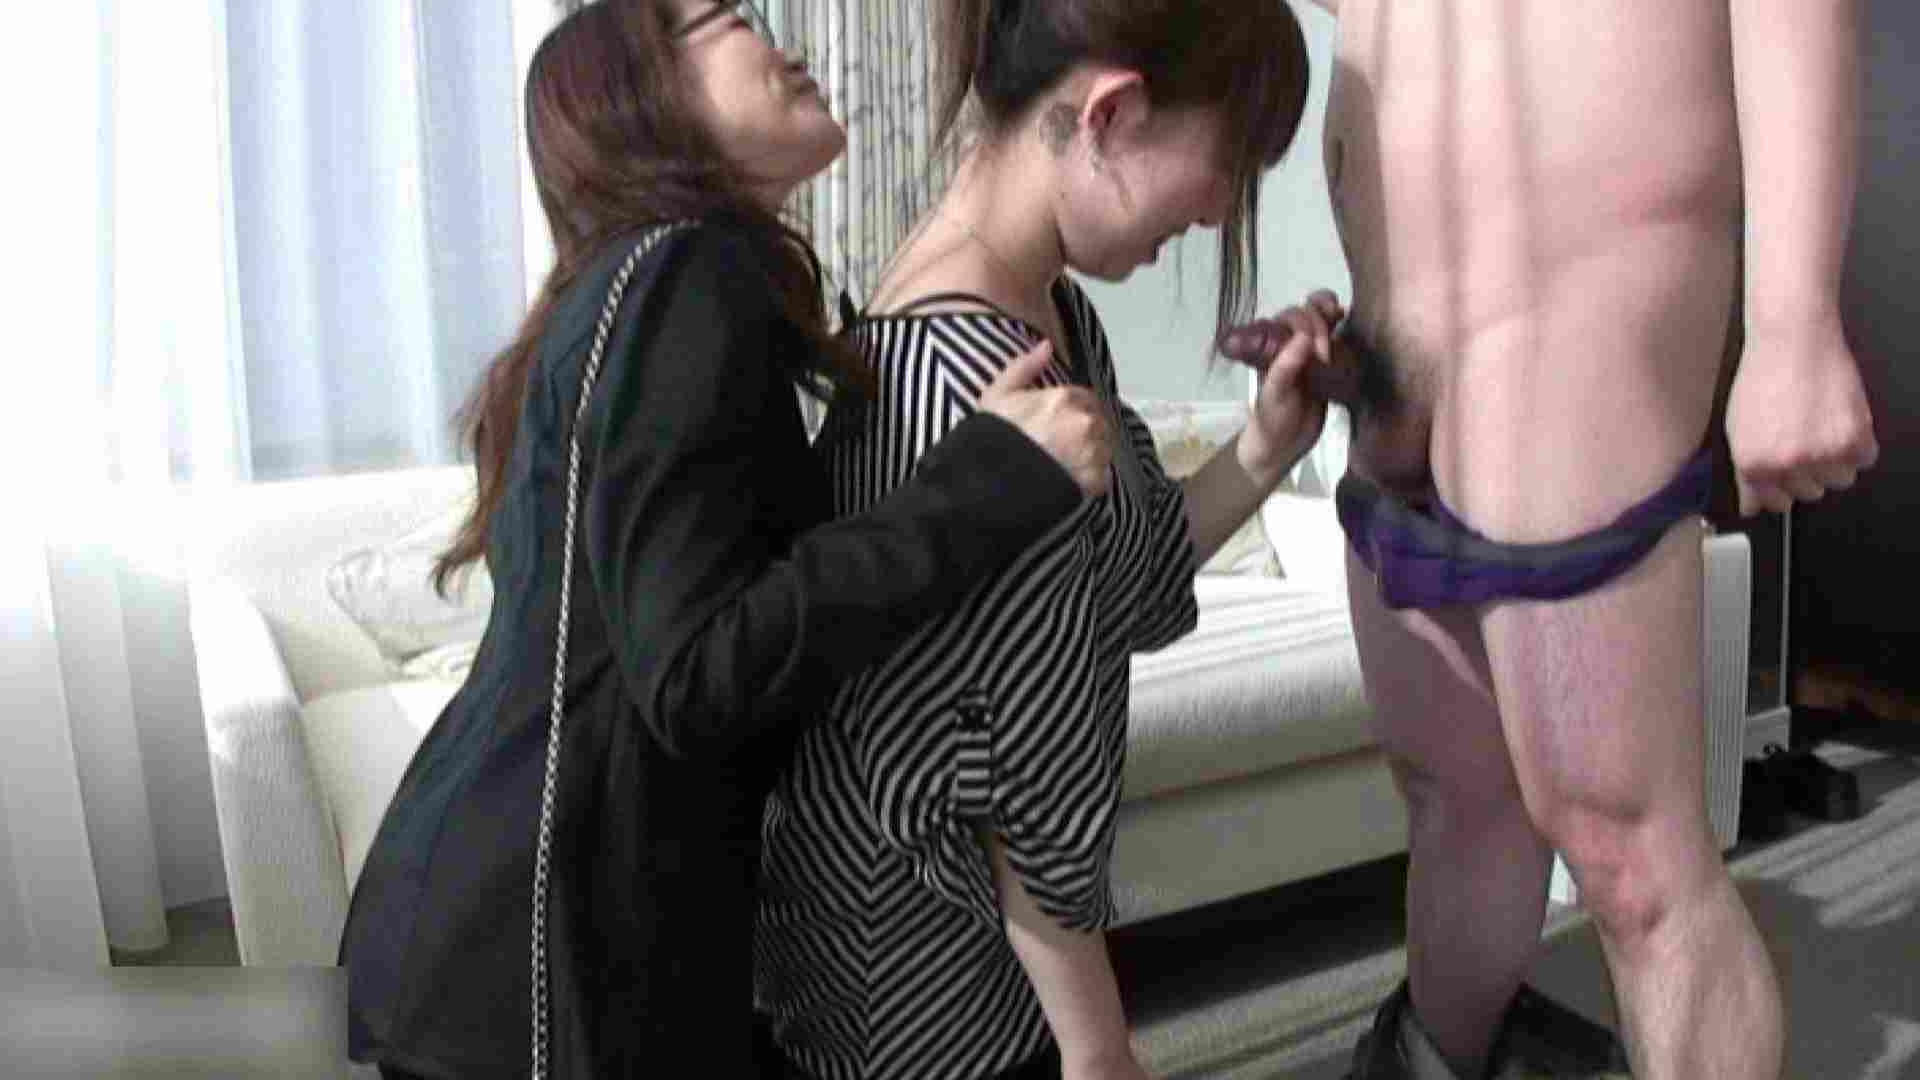 淫乱人妻 狂った宴 Vol.01 フェラ オマンコ動画キャプチャ 92連発 18